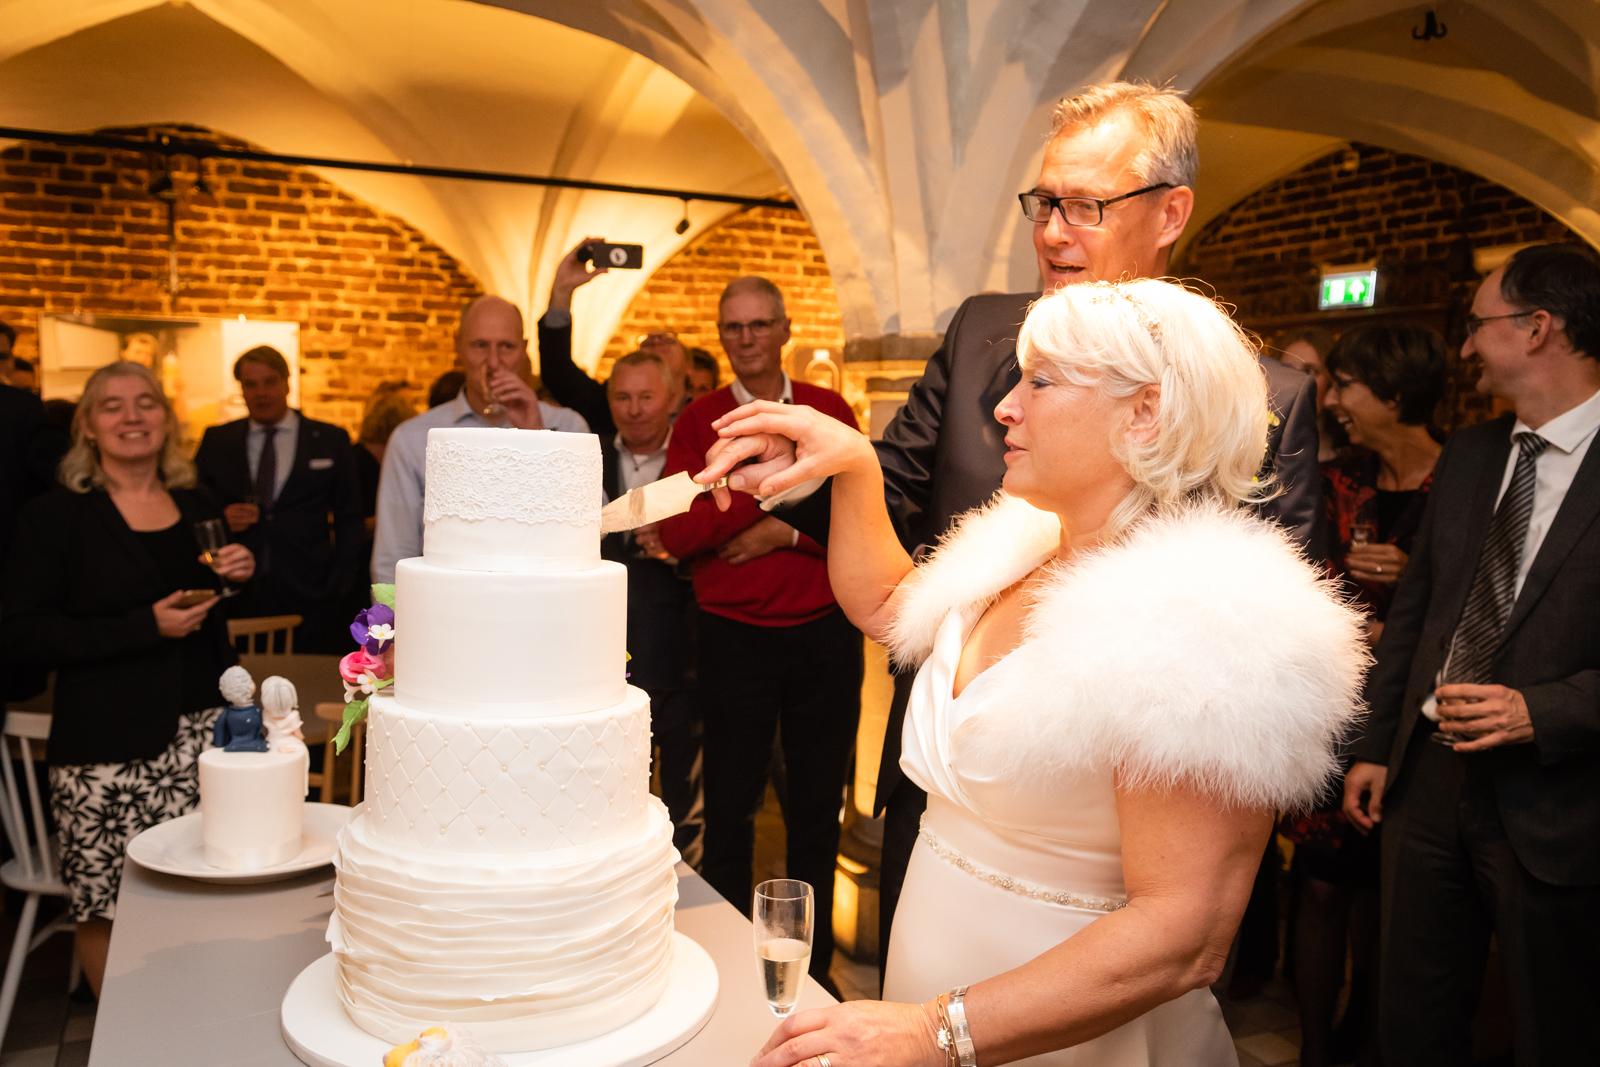 Na de ceremonie sluit ik de dag af met het fotograferen van de receptie  waar de taart wordt aangesneden en de felicitaties in ontvangst worden  genomen.